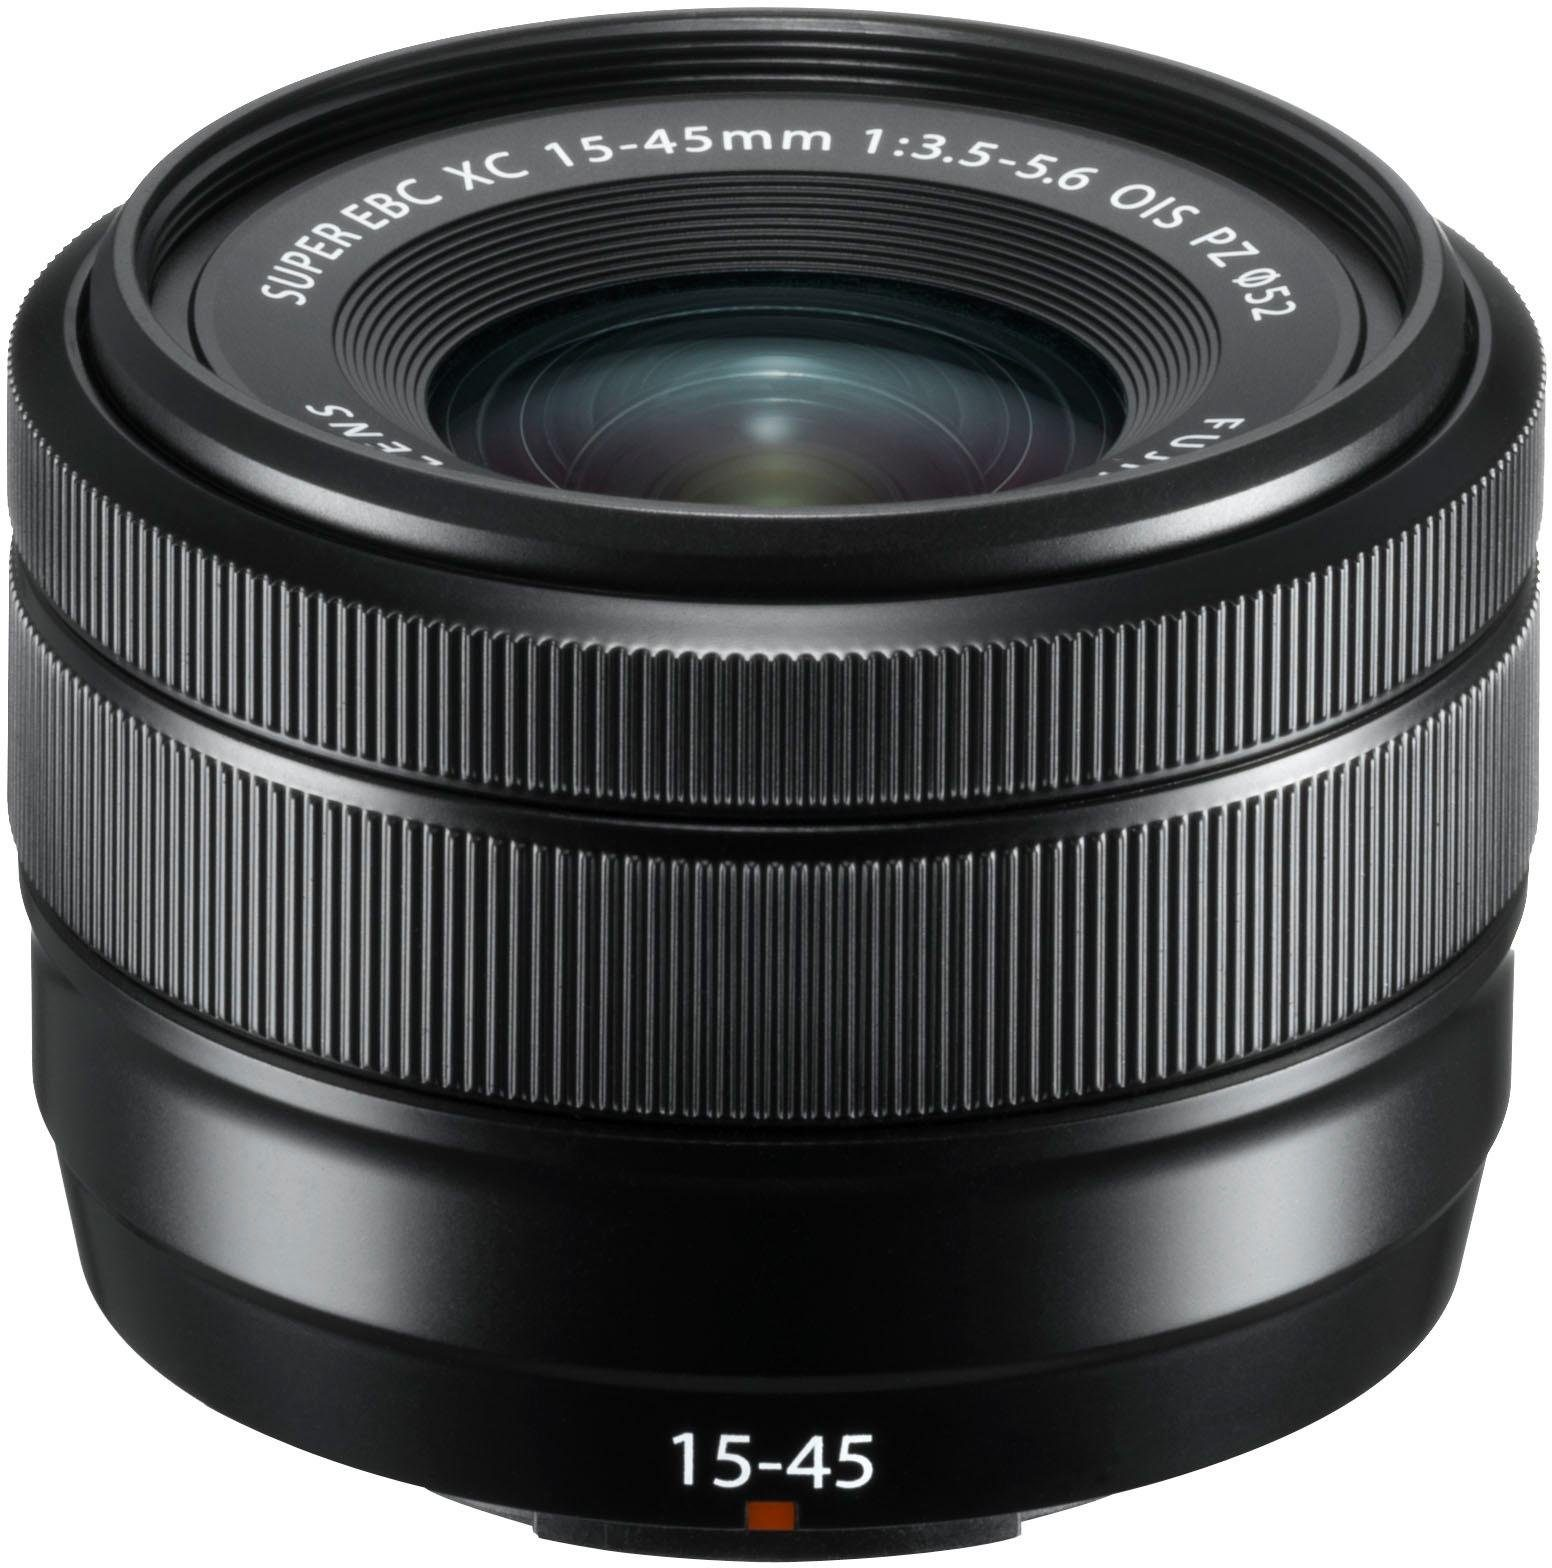 FUJIFILM »XC15-45 F3.5-5.6 OIS PZ« Zoomobjektiv